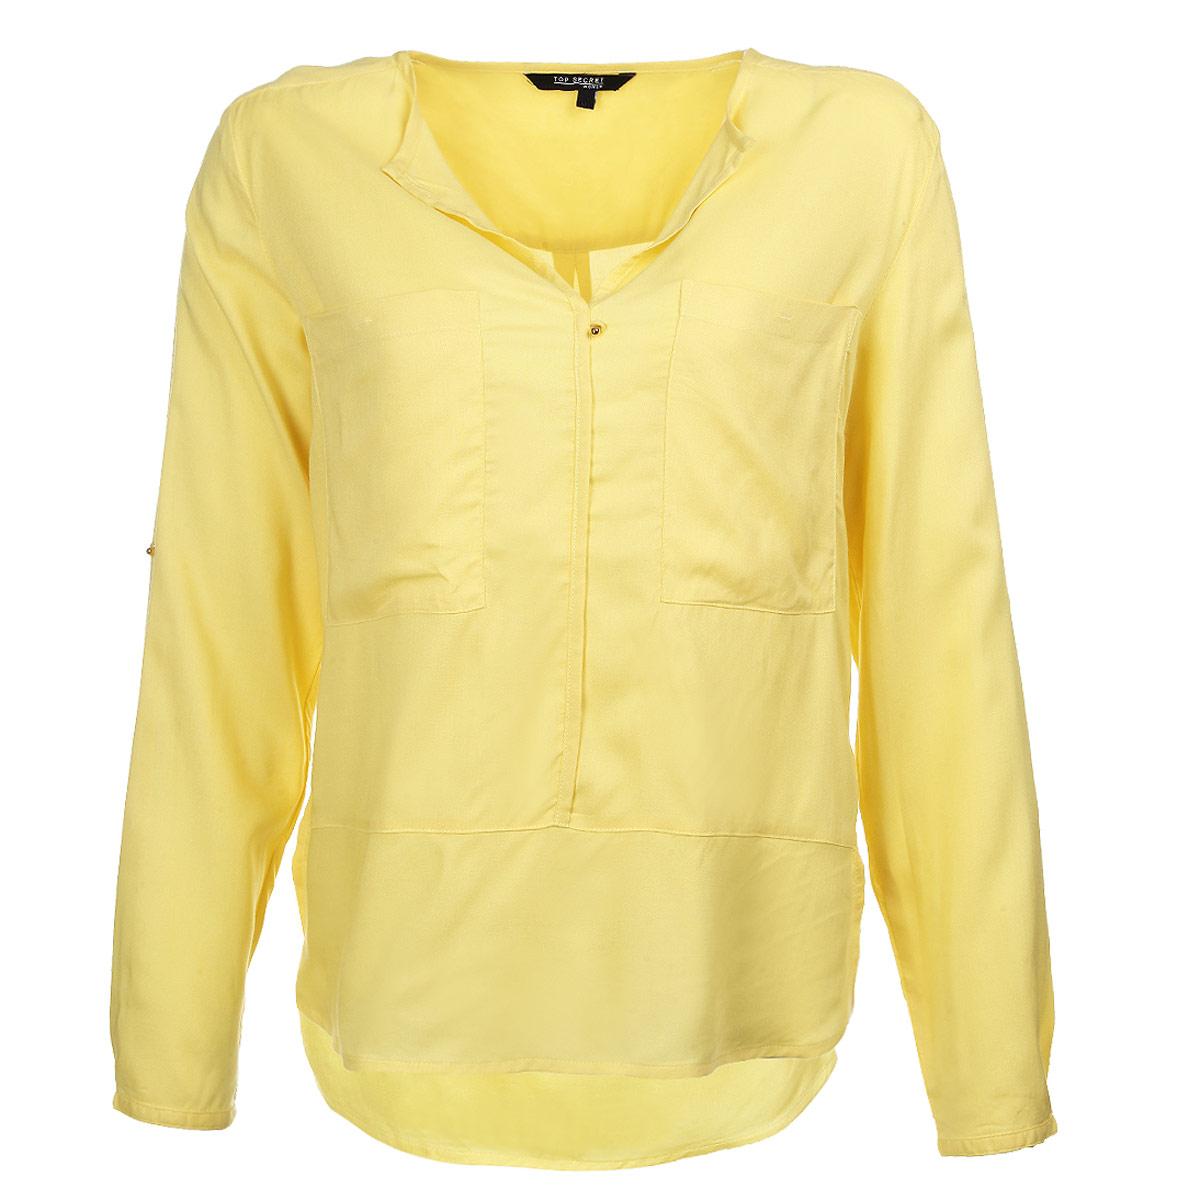 Блузка женская. SKL1723SKL1723ZOСтильная блузка Top Secret, выполненная из высококачественного материала, обладает высокой теплопроводностью, воздухопроницаемостью и гигроскопичностью, позволяет коже дышать, тем самым обеспечивая наибольший комфорт при носке. Блузка свободного кроя с длинными рукавами, V-образным вырезом горловины и полукруглым низом. Модель дополнена двумя нагрудными карманами и небольшими боковыми разрезами. При желании рукава можно подвернуть до локтя и зафиксировать хлястиком на пуговицу. Спинка модели удлиненная. Такая блузка будет дарить вам комфорт в течение всего дня и послужит замечательным дополнением к вашему гардеробу.